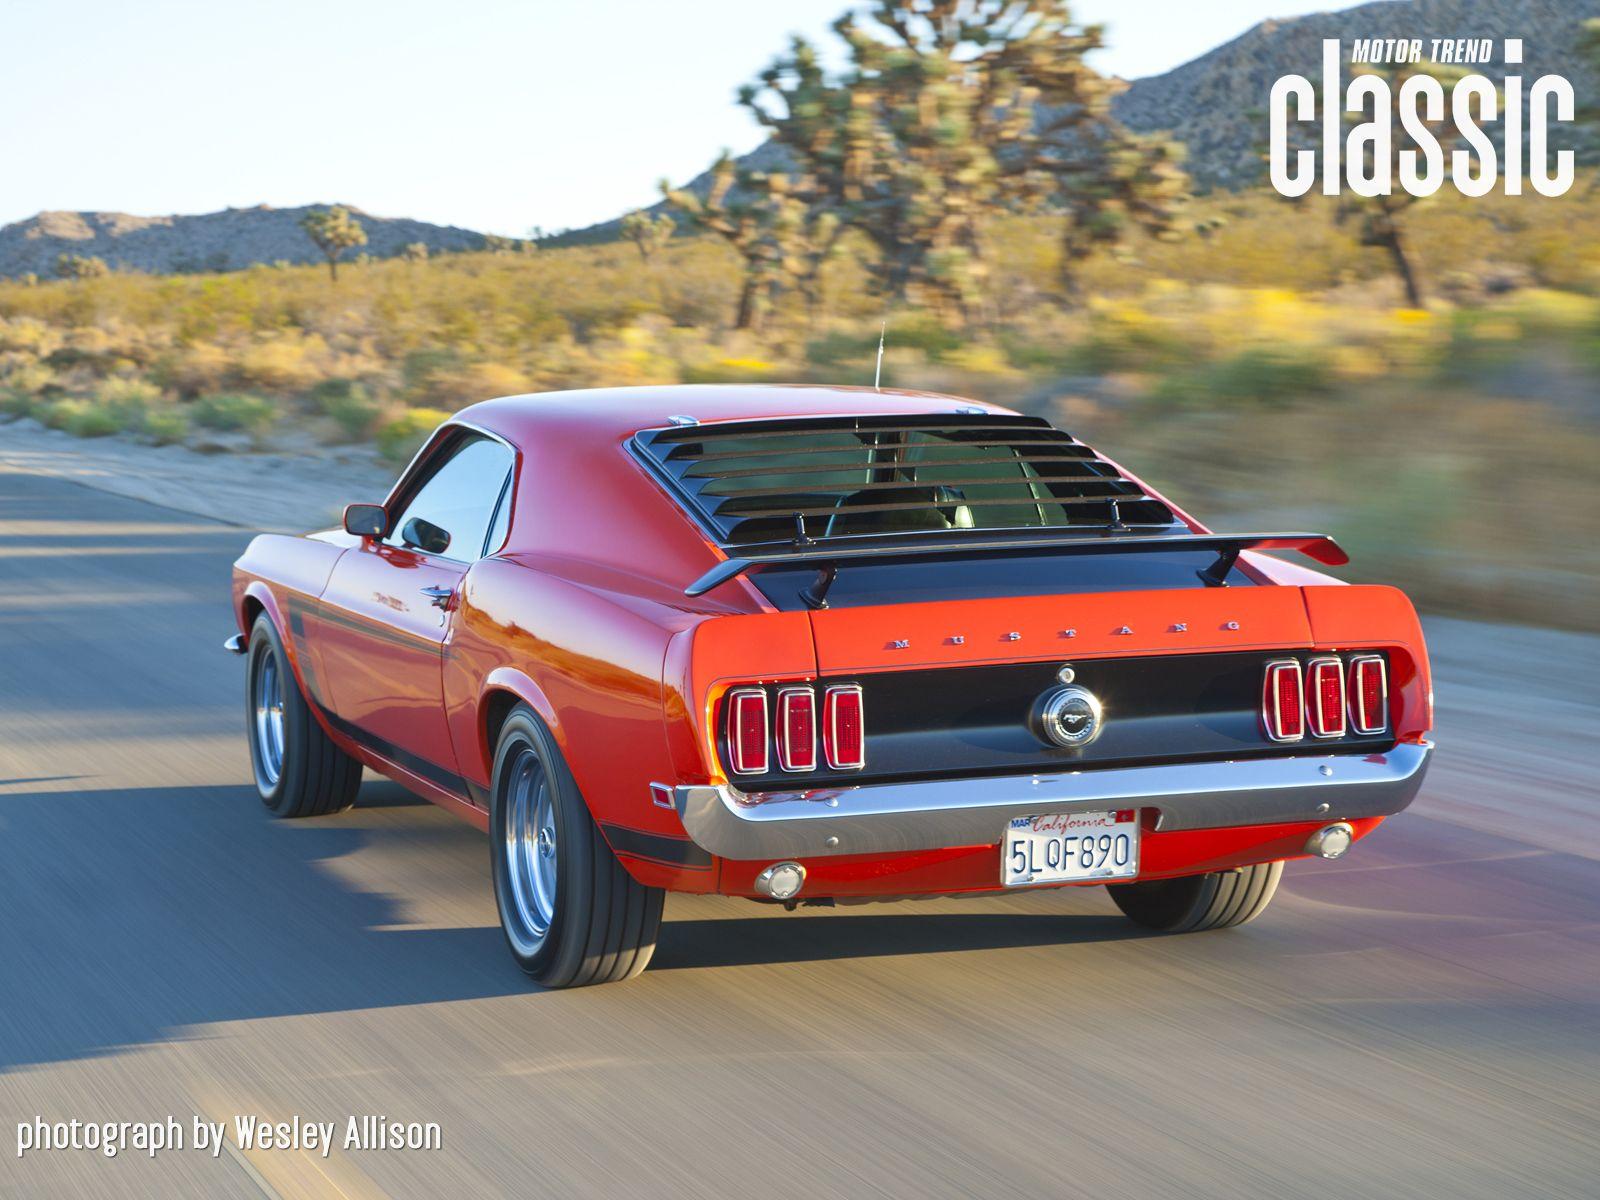 1969 Ford Mustang Boss 302 Wallpaper Gallery Motor Trend Classic Ford Mustang Ford Mustang Boss 302 Ford Mustang Boss